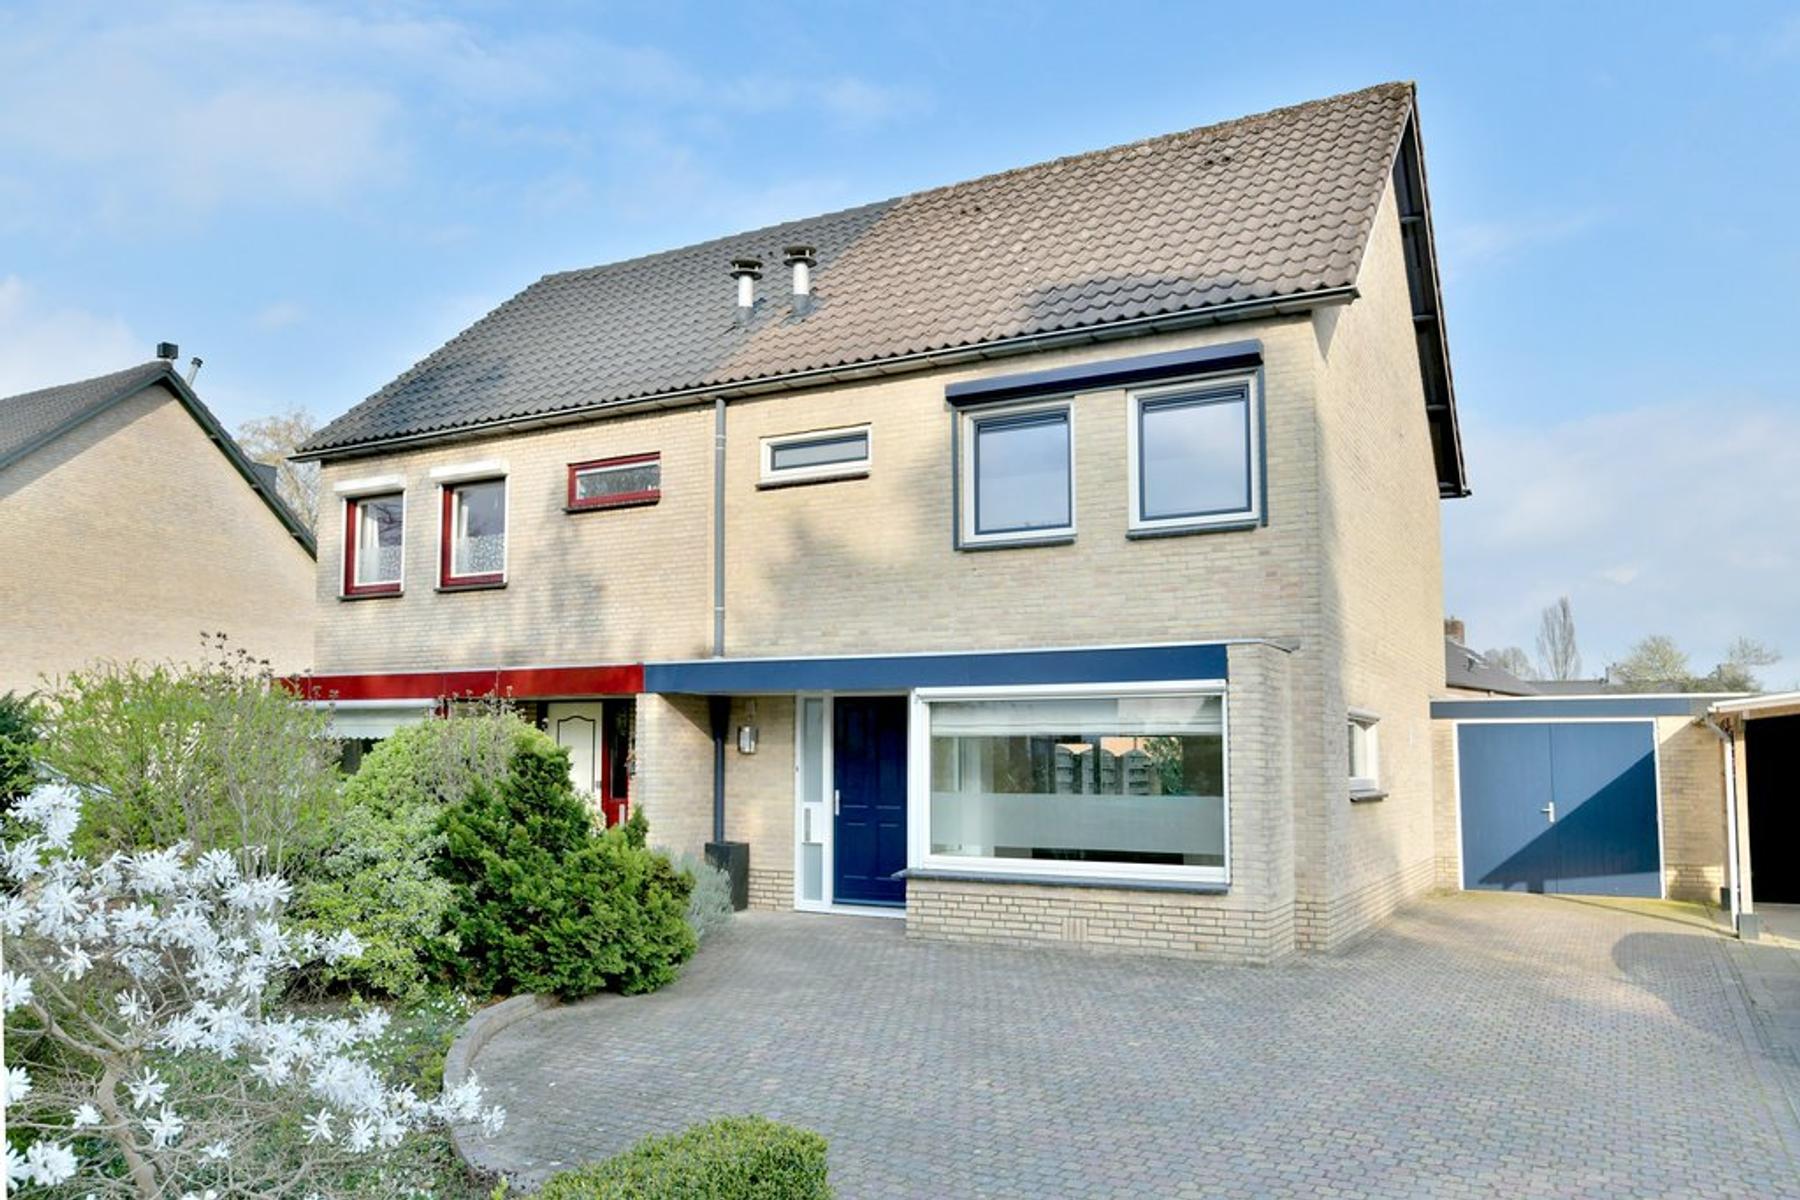 Zutphensestraat 100 in Brummen 6971 ES